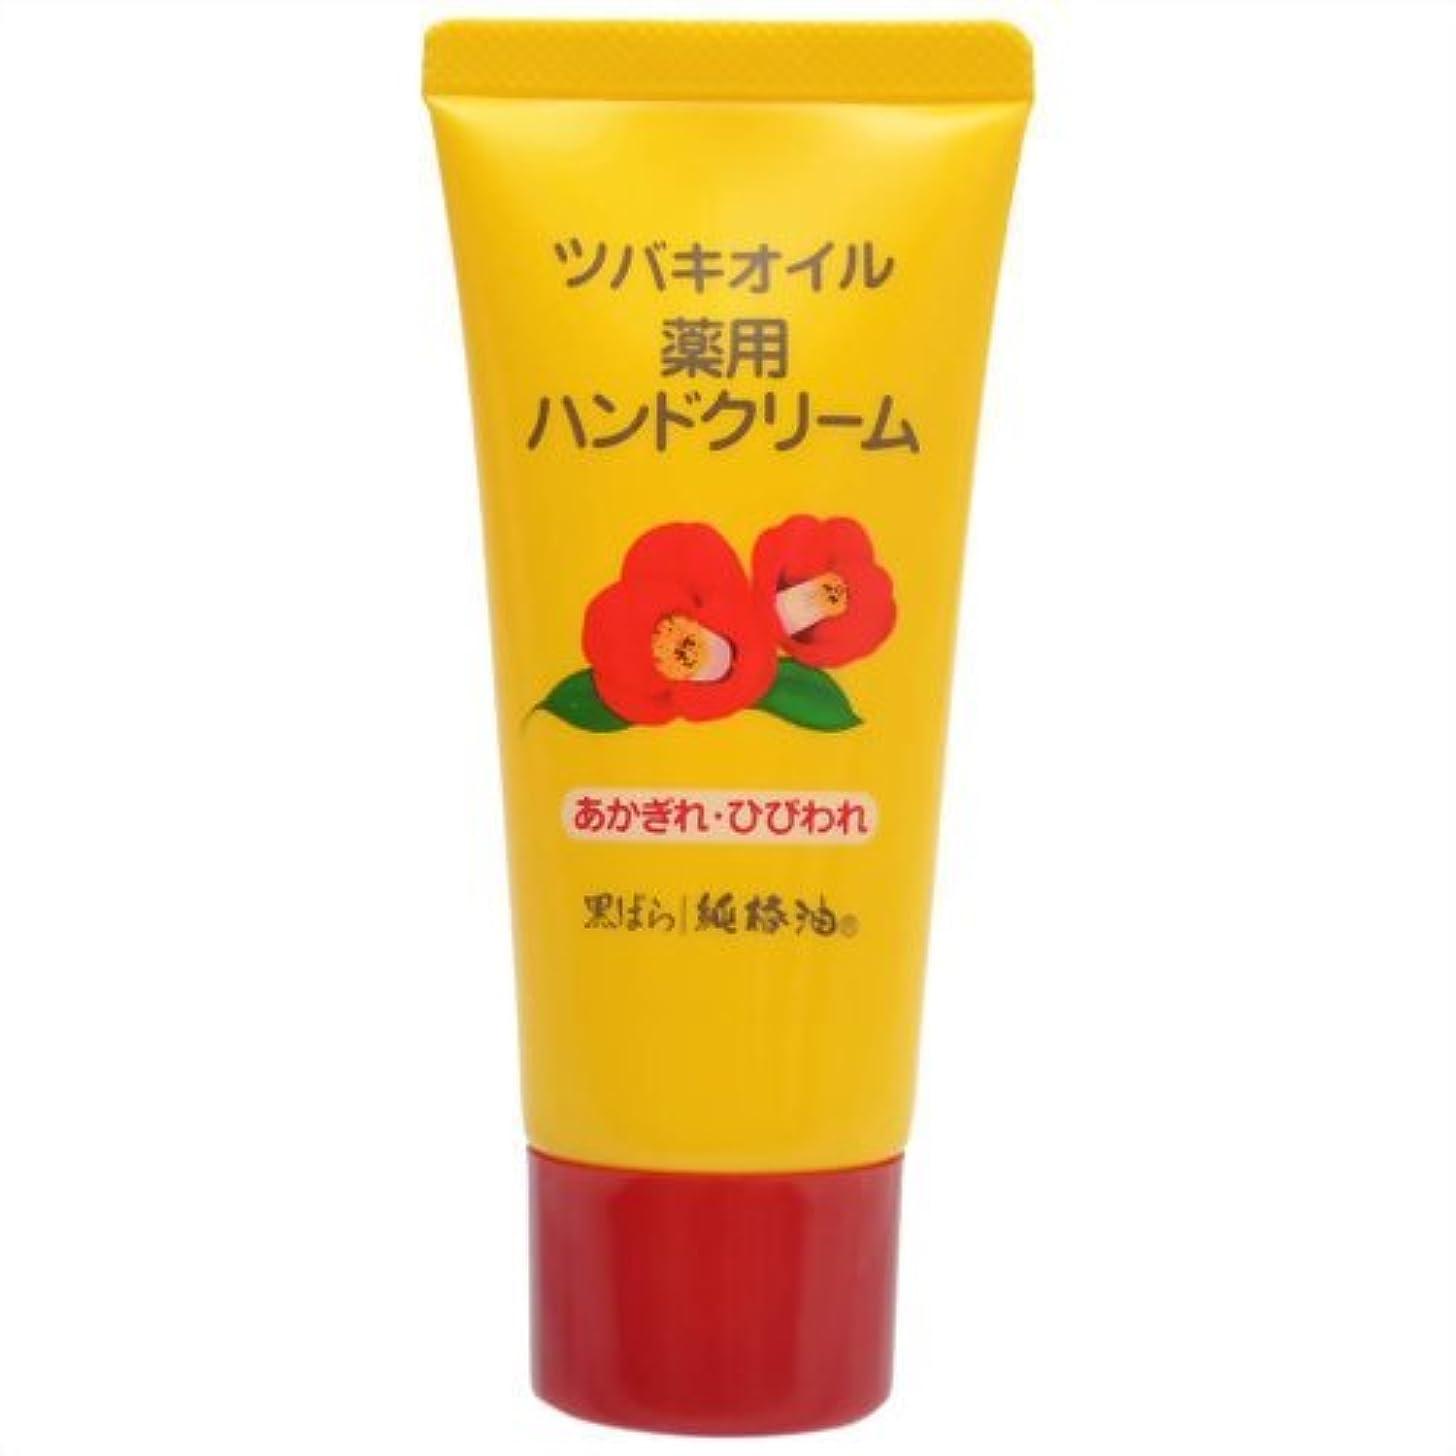 ミントマティス誠実黒ばら本舗 黒ばら 純椿油 ツバキオイル 薬用ハンドクリーム 35g